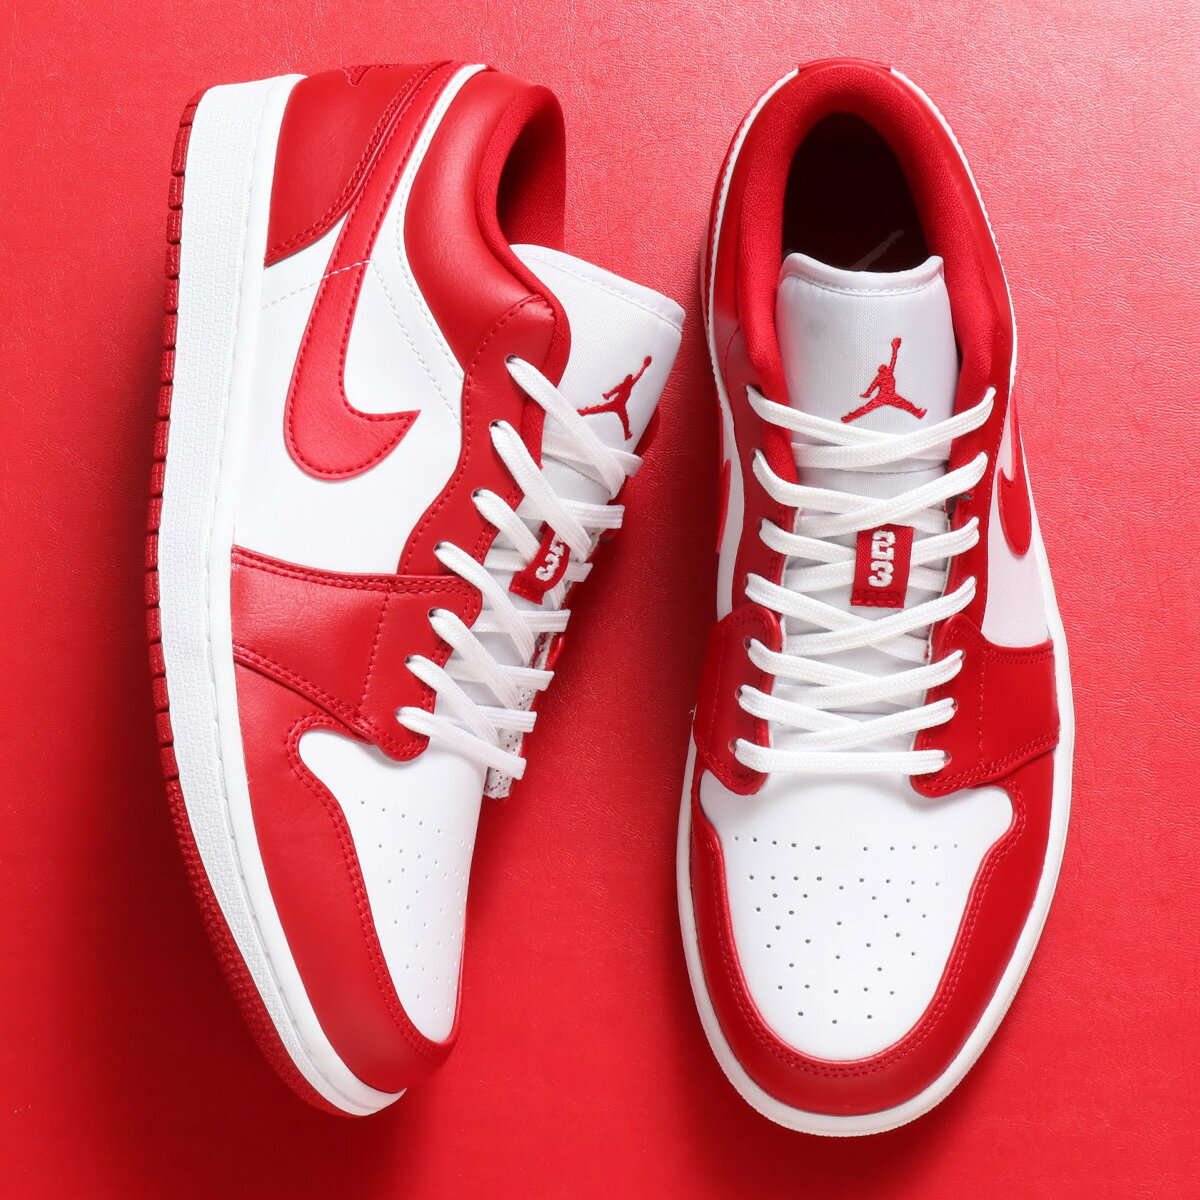 メンズ靴, スニーカー JORDAN BRAND AIR JORDAN 1 LOW( 1 LOW)GYM REDGYM RED-WHITE NIKE 20SU-S